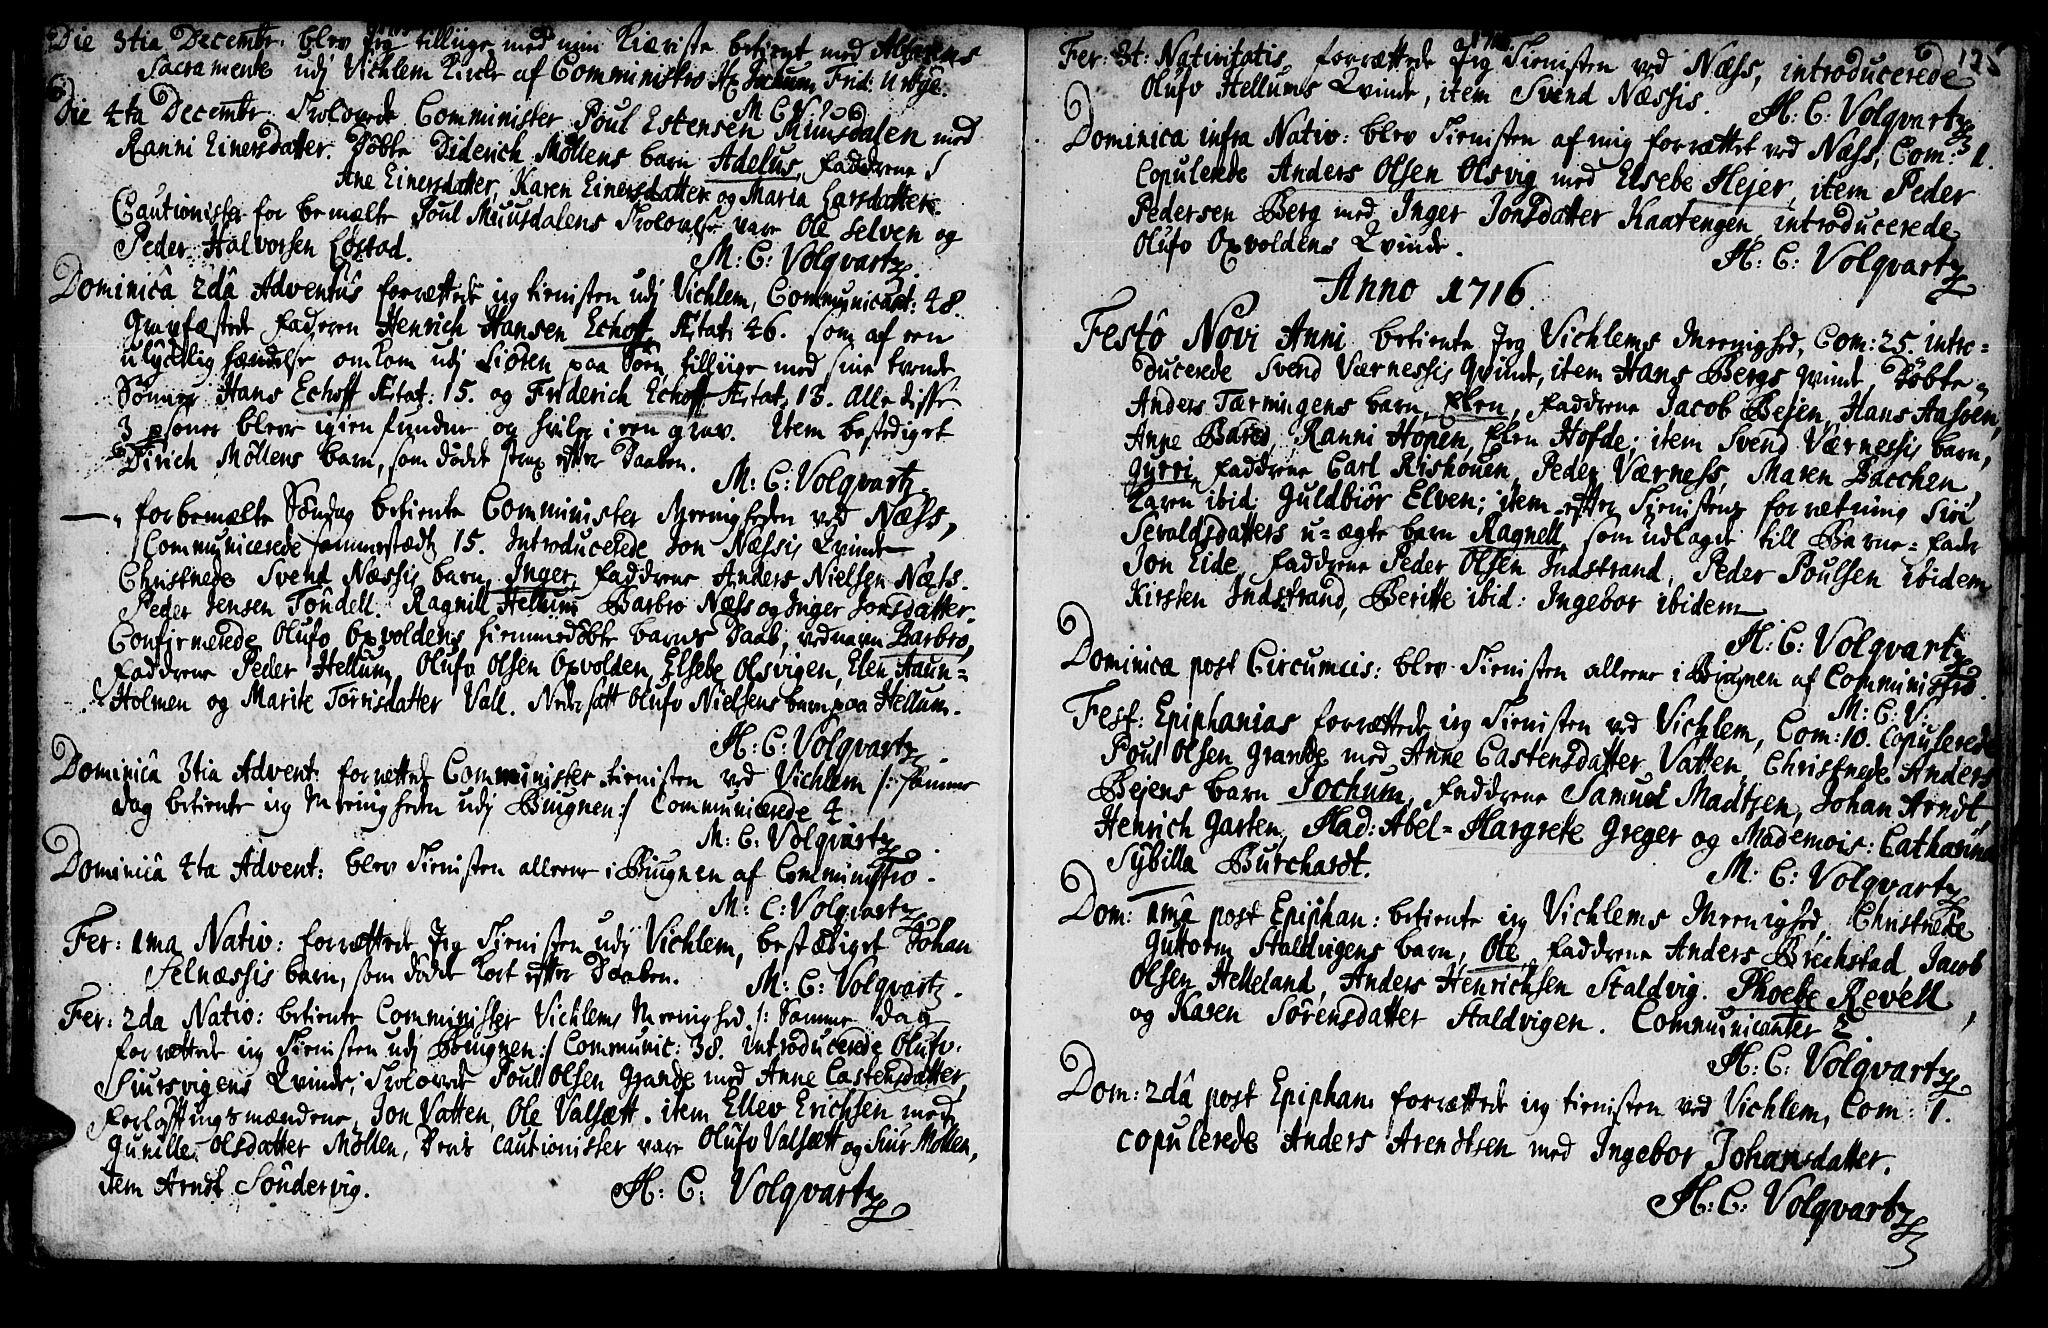 SAT, Ministerialprotokoller, klokkerbøker og fødselsregistre - Sør-Trøndelag, 659/L0731: Ministerialbok nr. 659A01, 1709-1731, s. 124-125